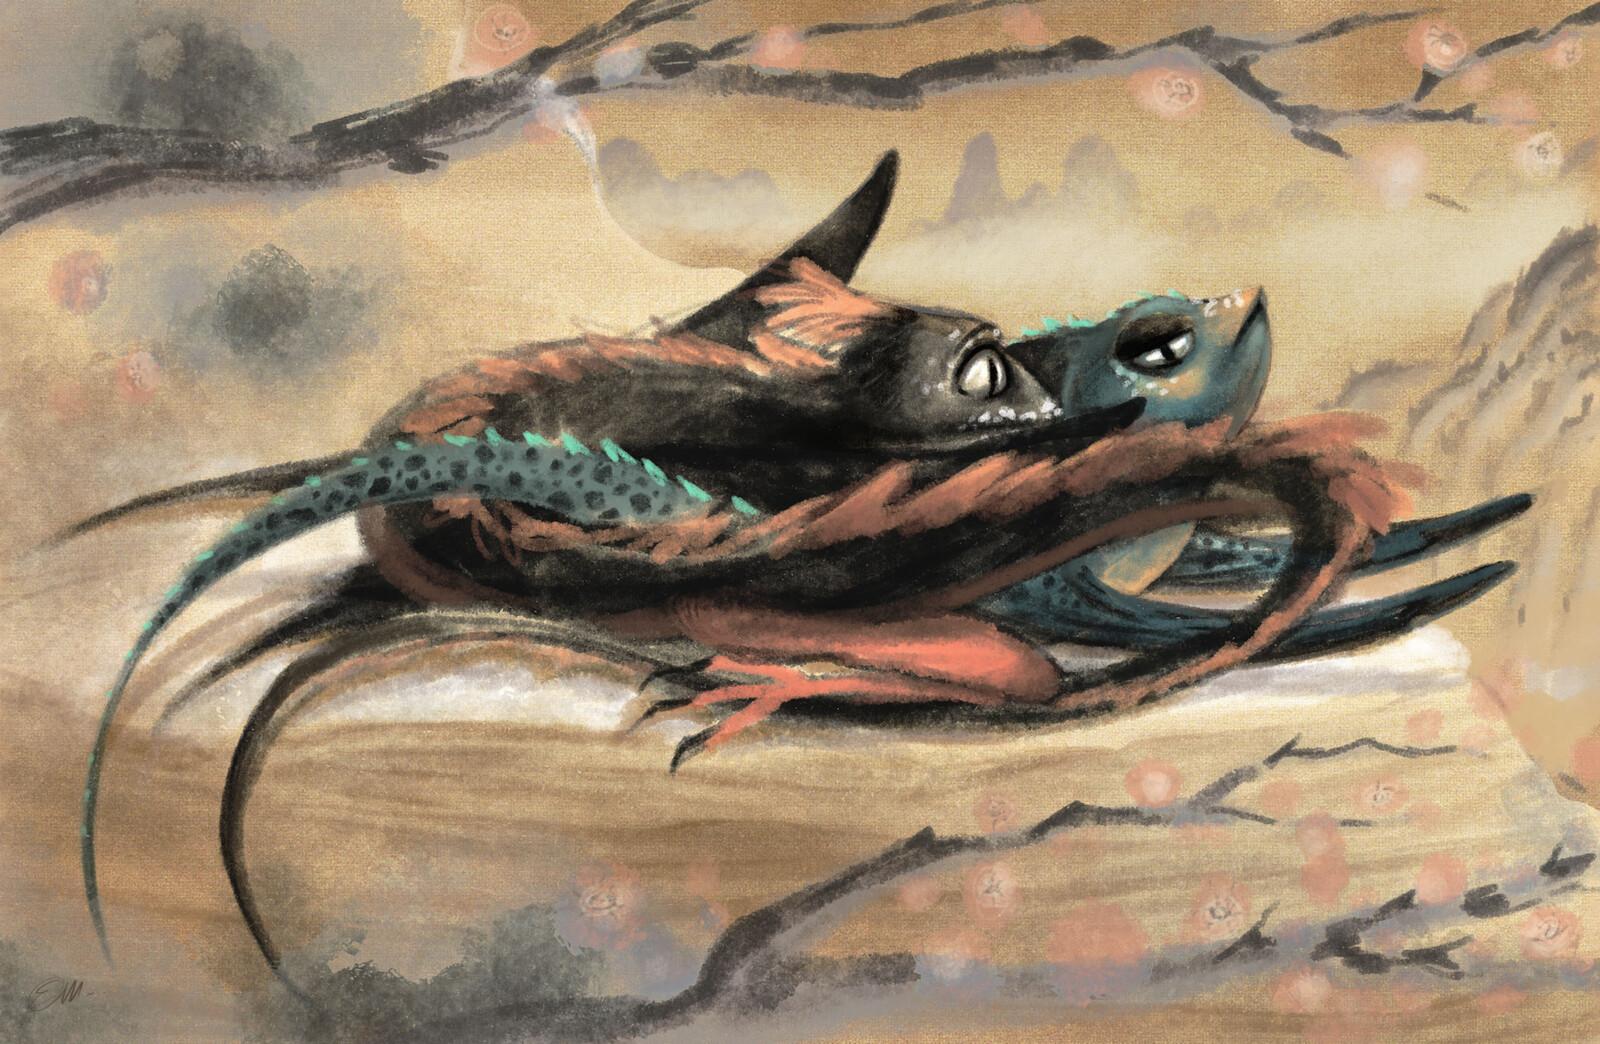 Fantastic creatures sketches - Dragons